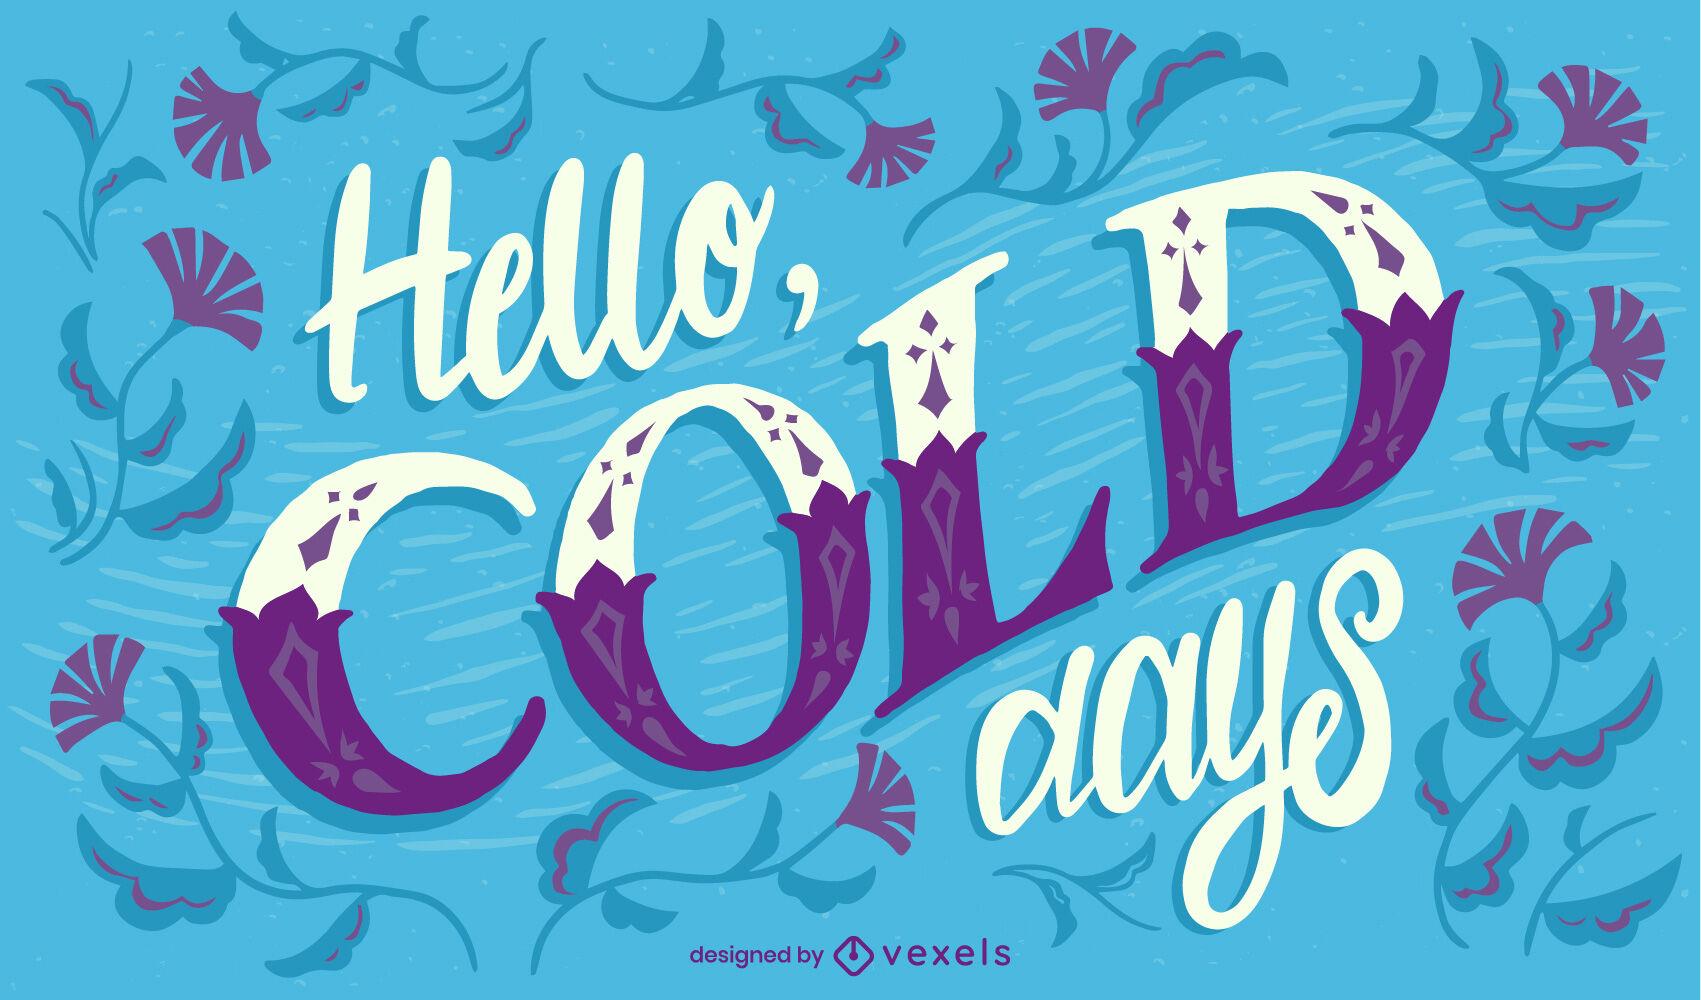 Hello cold days winter lettering design